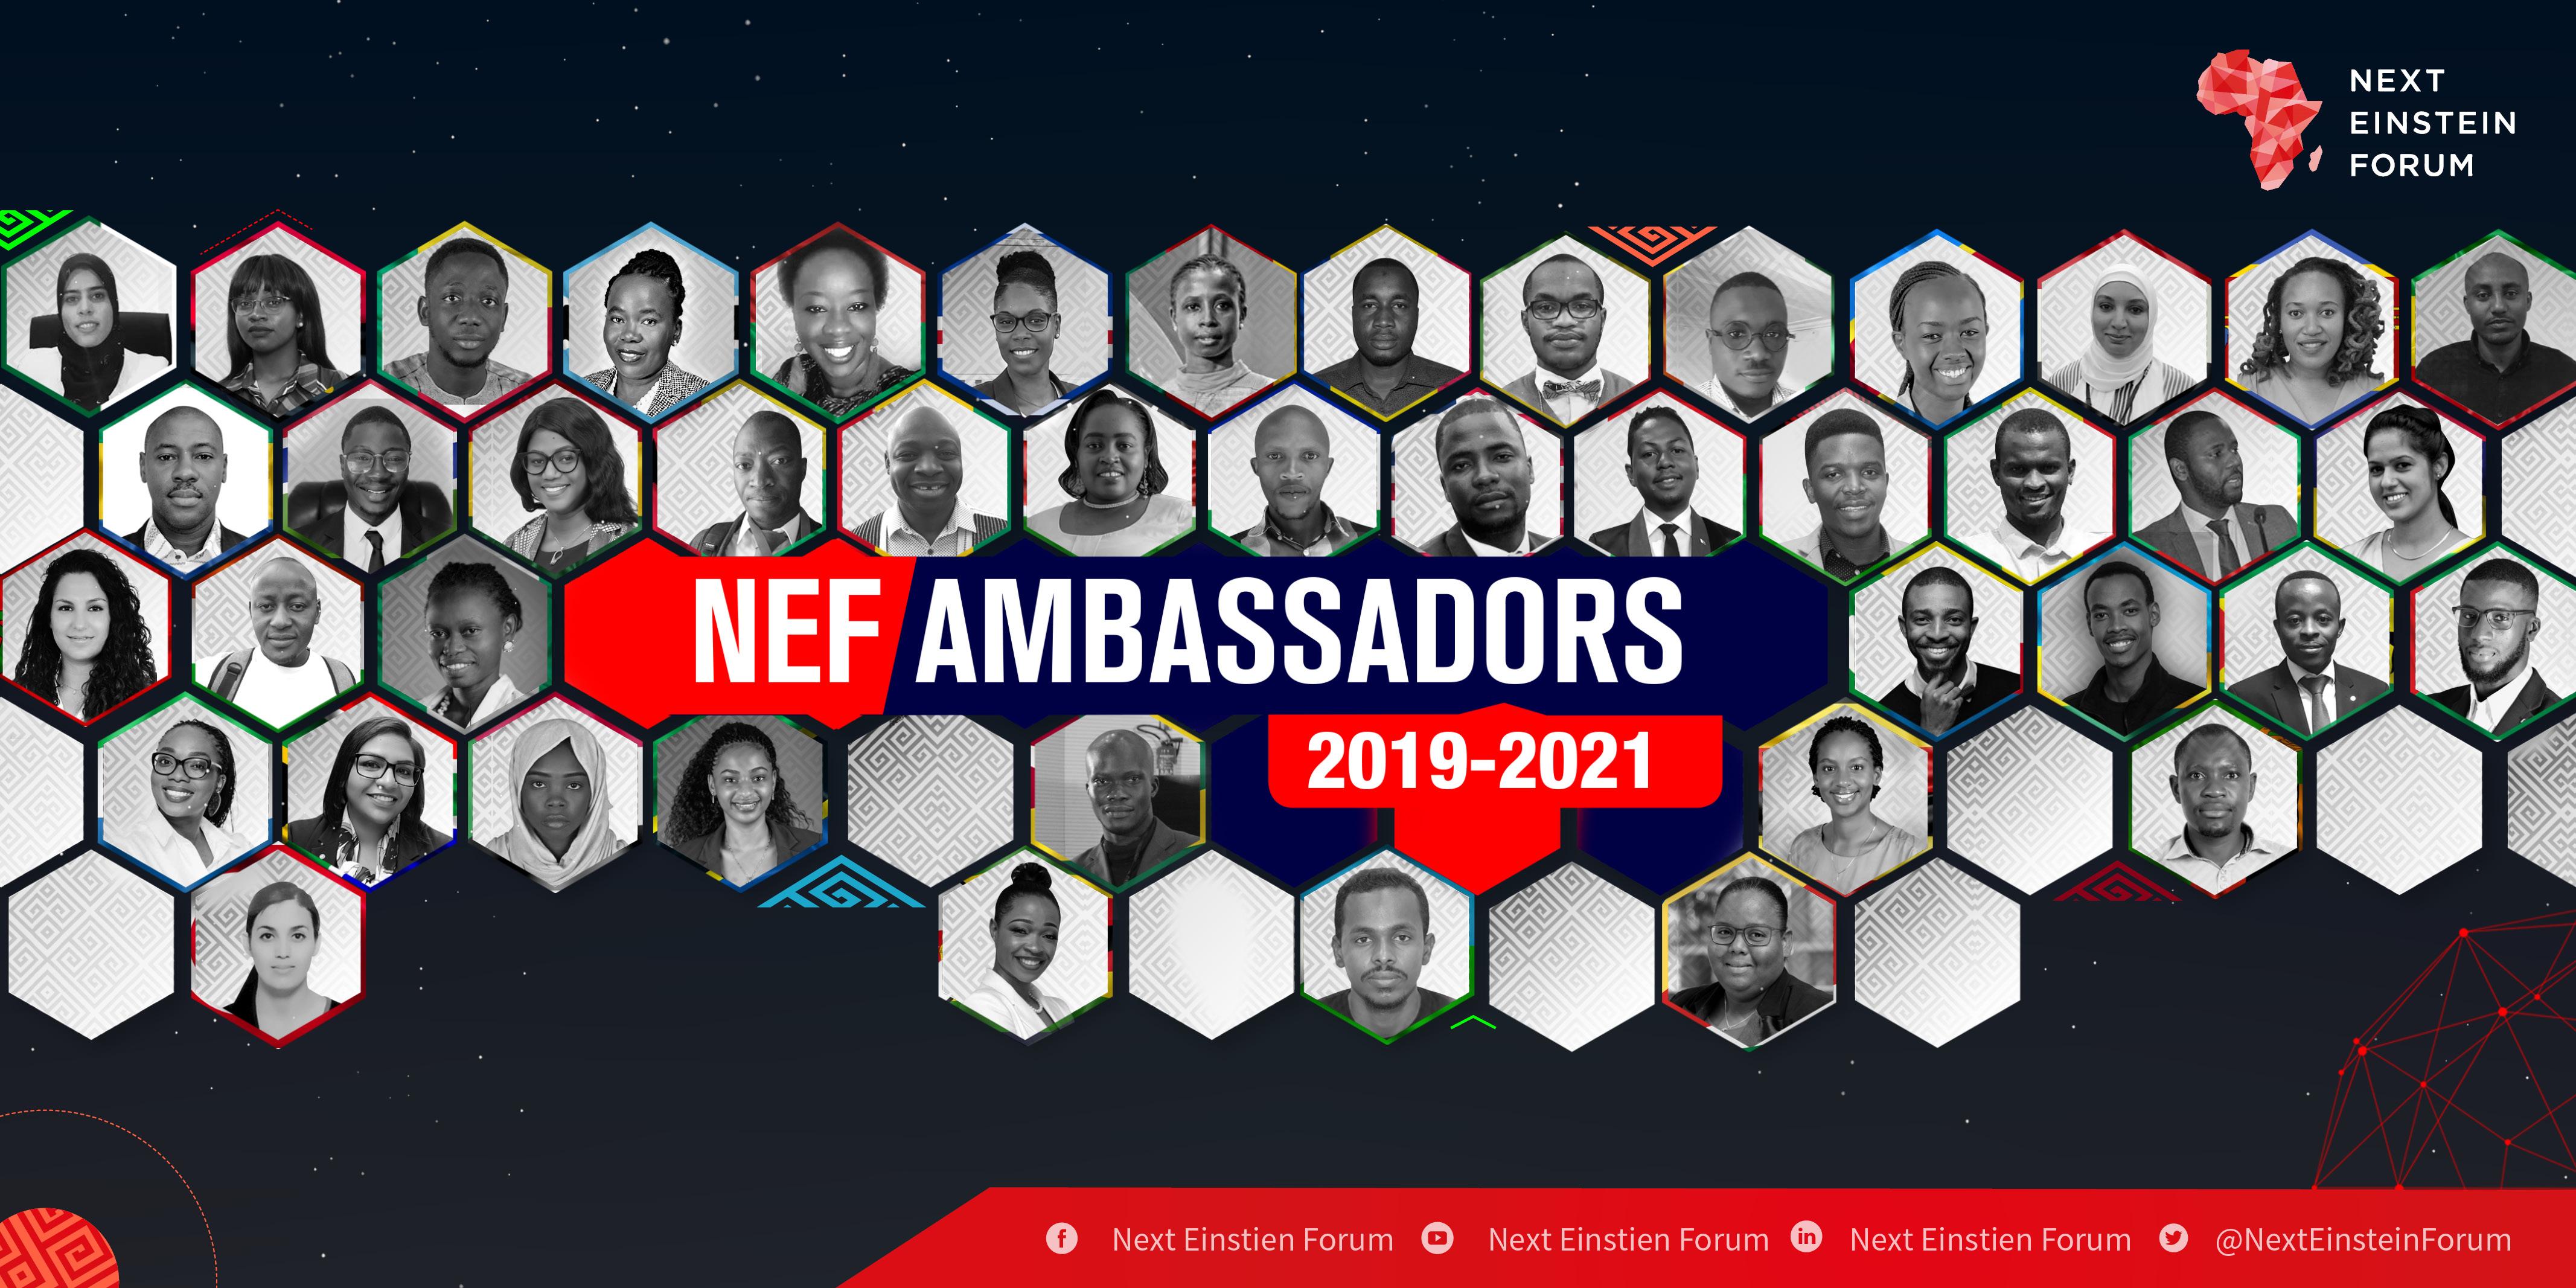 Le tchadien Fadoul Hissein Abba devient ambassadeur du Next Einstein Forum 2019-2021